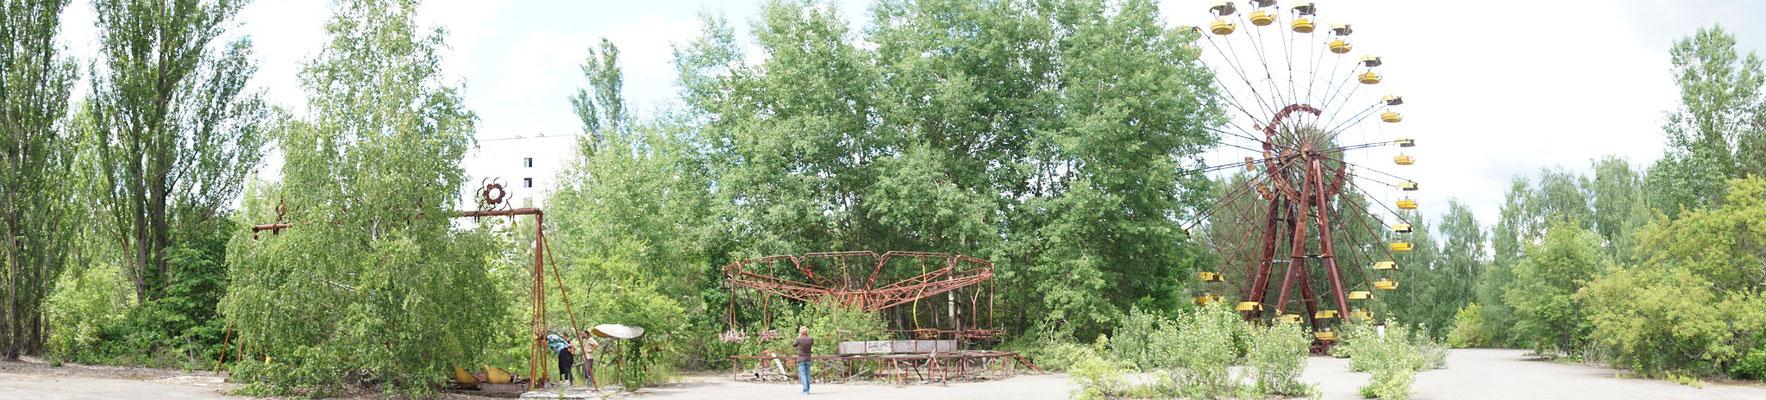 zentraler Platz der Vorzeigestadt Prypyat